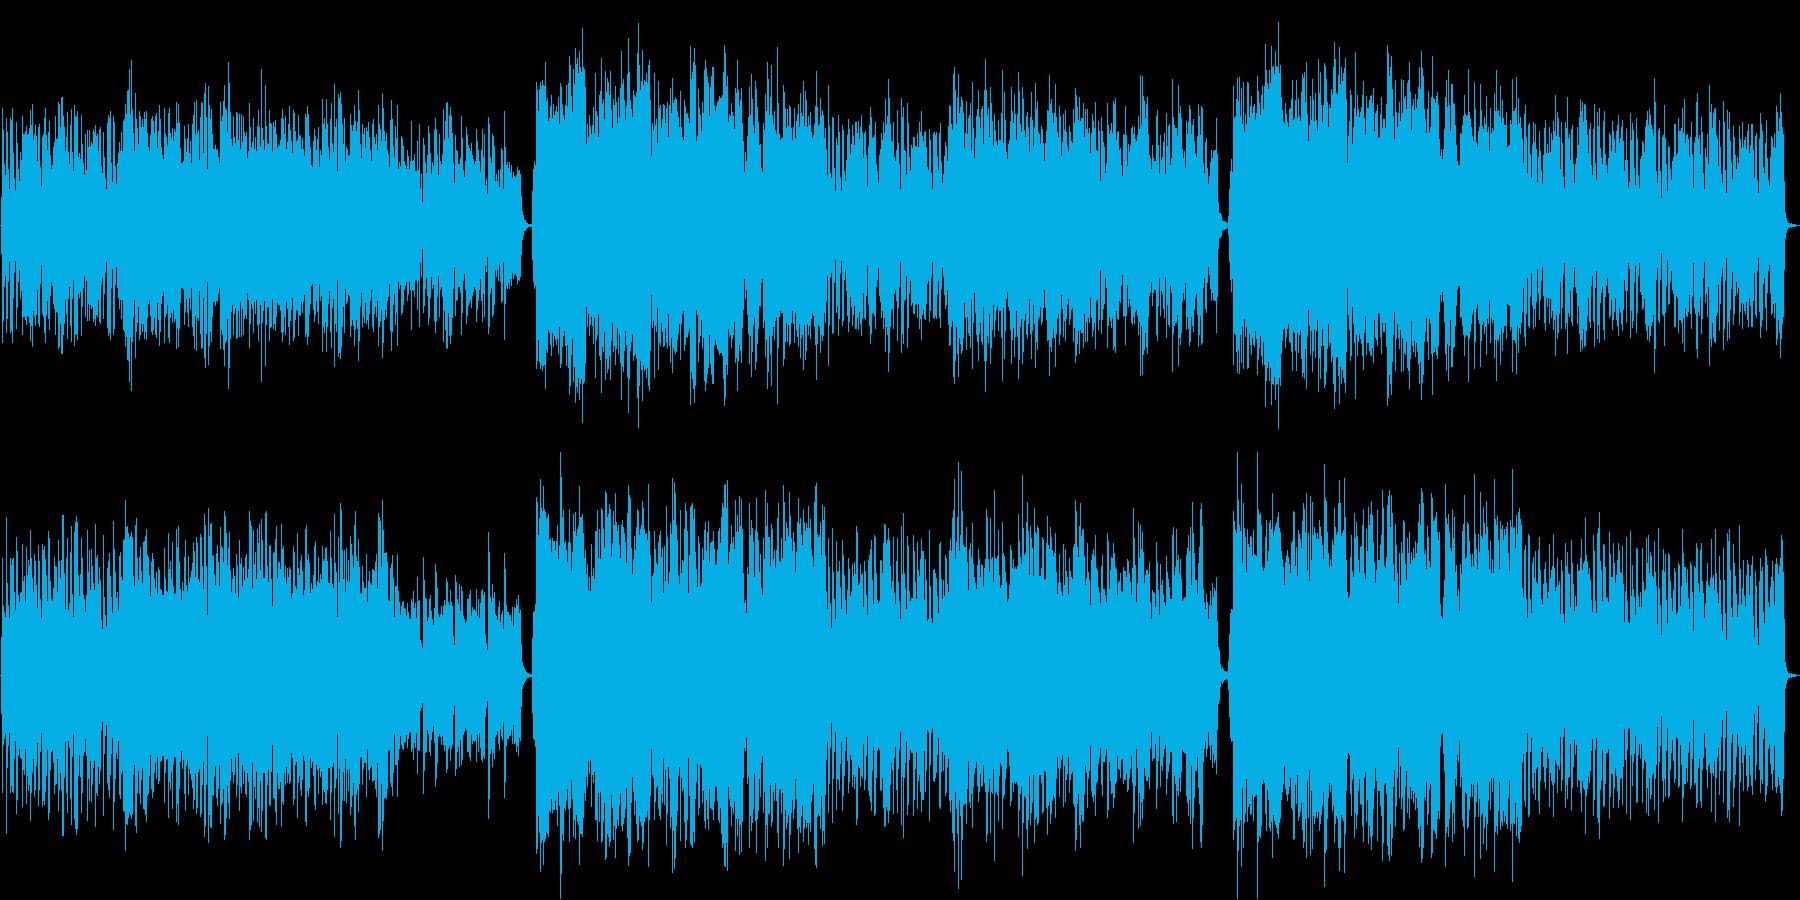 はじまりのストリングス ピアノ、オーボエの再生済みの波形